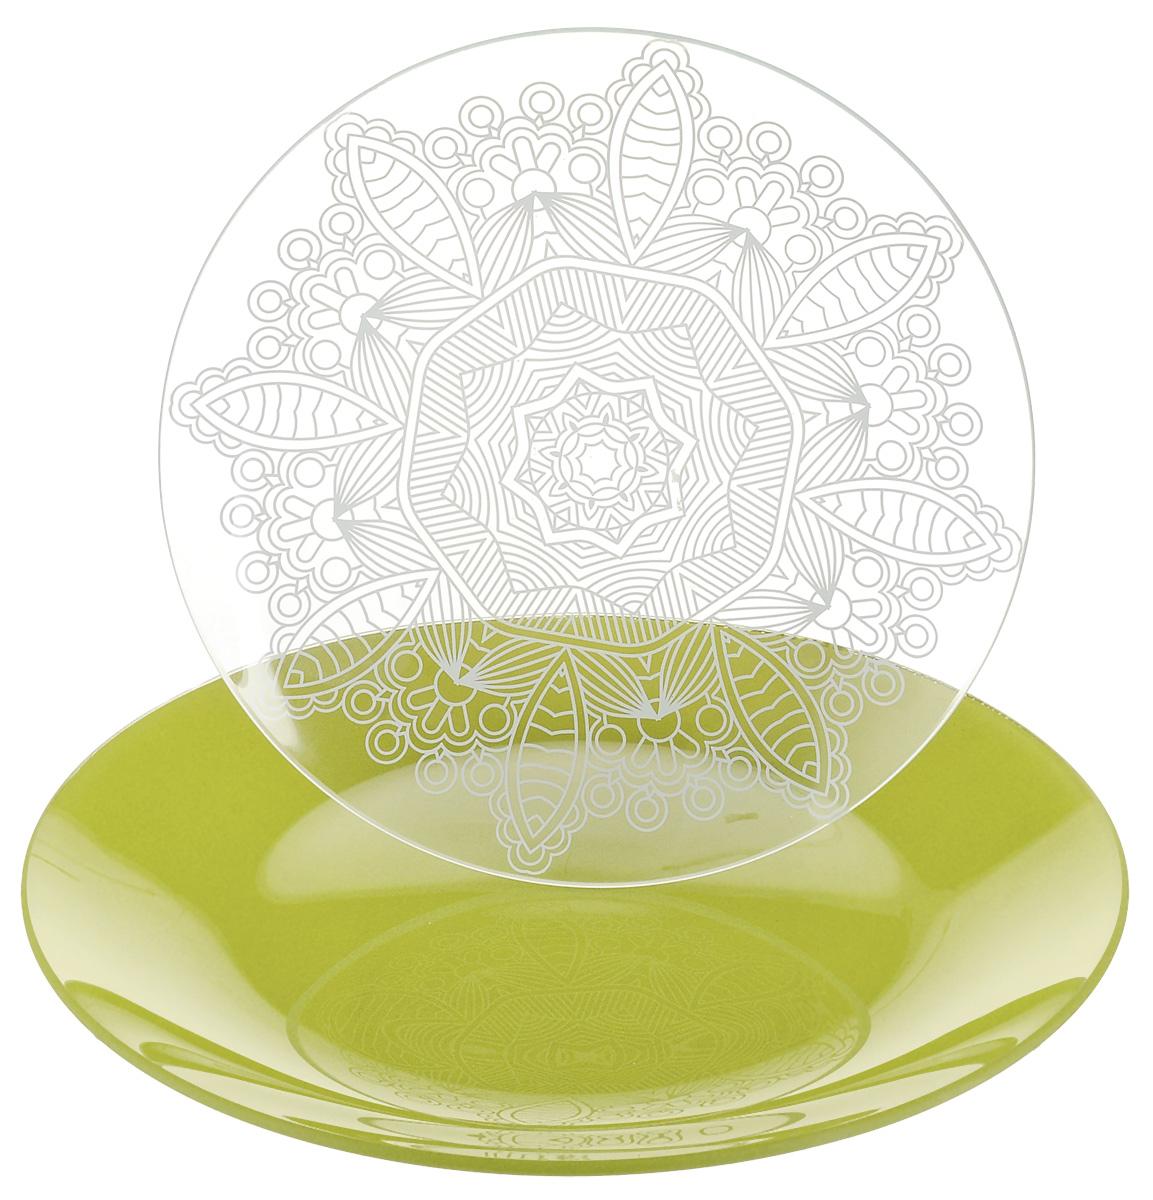 Набор тарелок NiNaGlass, цвет: зеленый, диаметр 20 см, 2 шт85-200-149псзНабор тарелок NiNaGlass Кружево и Палитра выполнена из высококачественного стекла, декорирована под Вологодское кружево и подстановочная тарелка яркий насыщенный цвет. Набор идеален для подачи горячих блюд, сервировки праздничного стола, нарезок, салатов, овощей и фруктов. Он отлично подойдет как для повседневных, так и для торжественных случаев. Такой набор прекрасно впишется в интерьер вашей кухни и станет достойным дополнением к кухонному инвентарю.